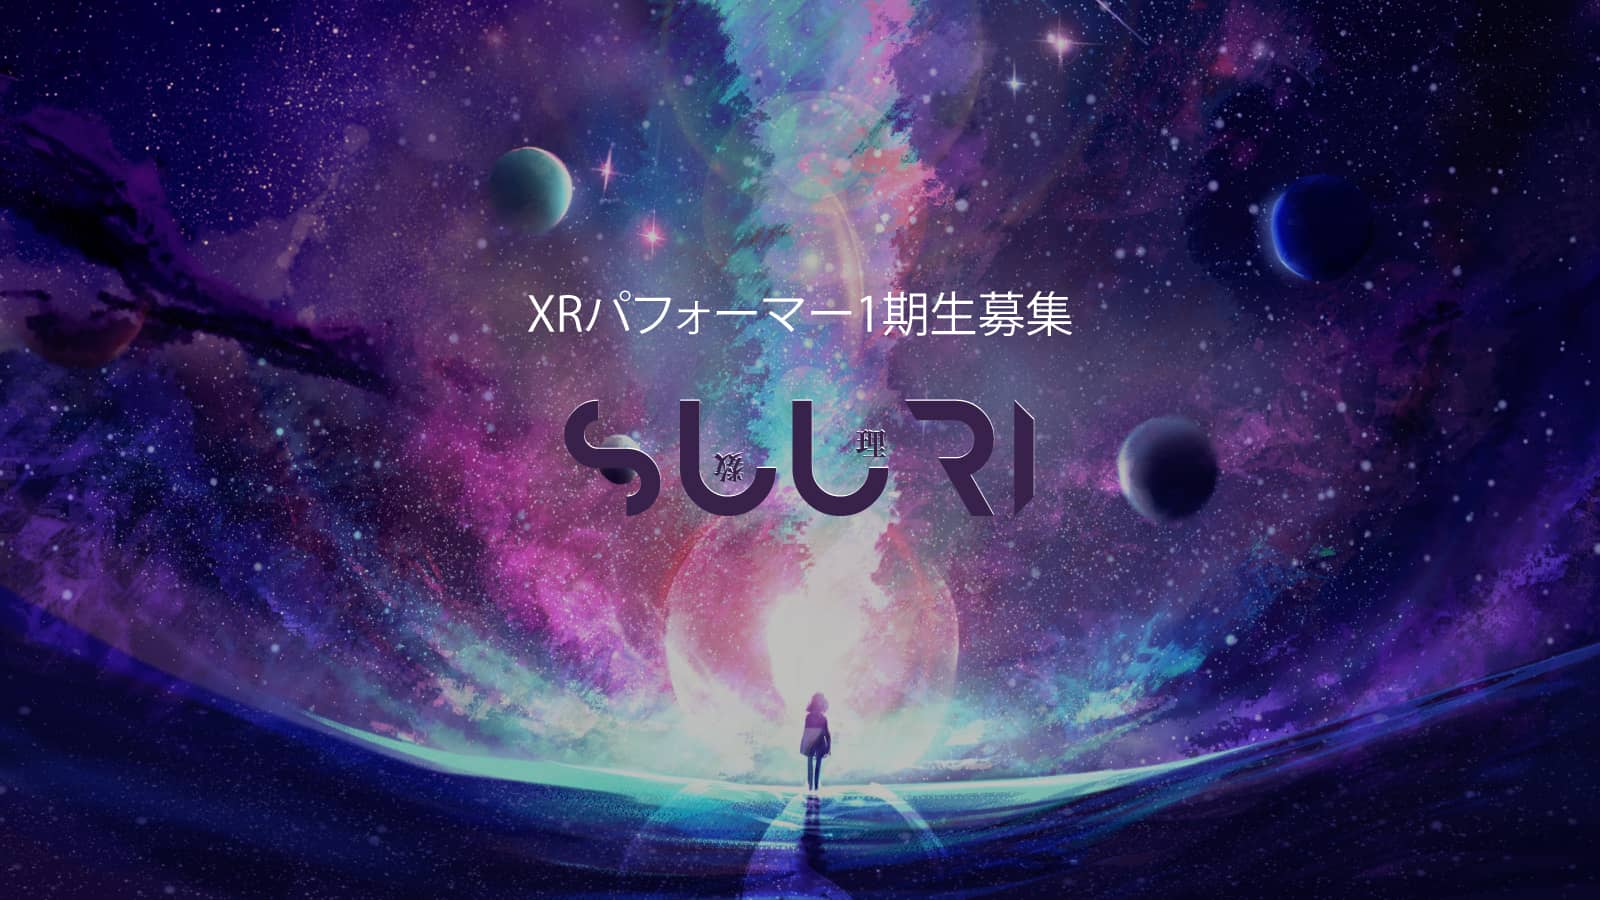 XRパフォーマー・XRアーティスト、「SUURI 数理」リリースのお知らせ